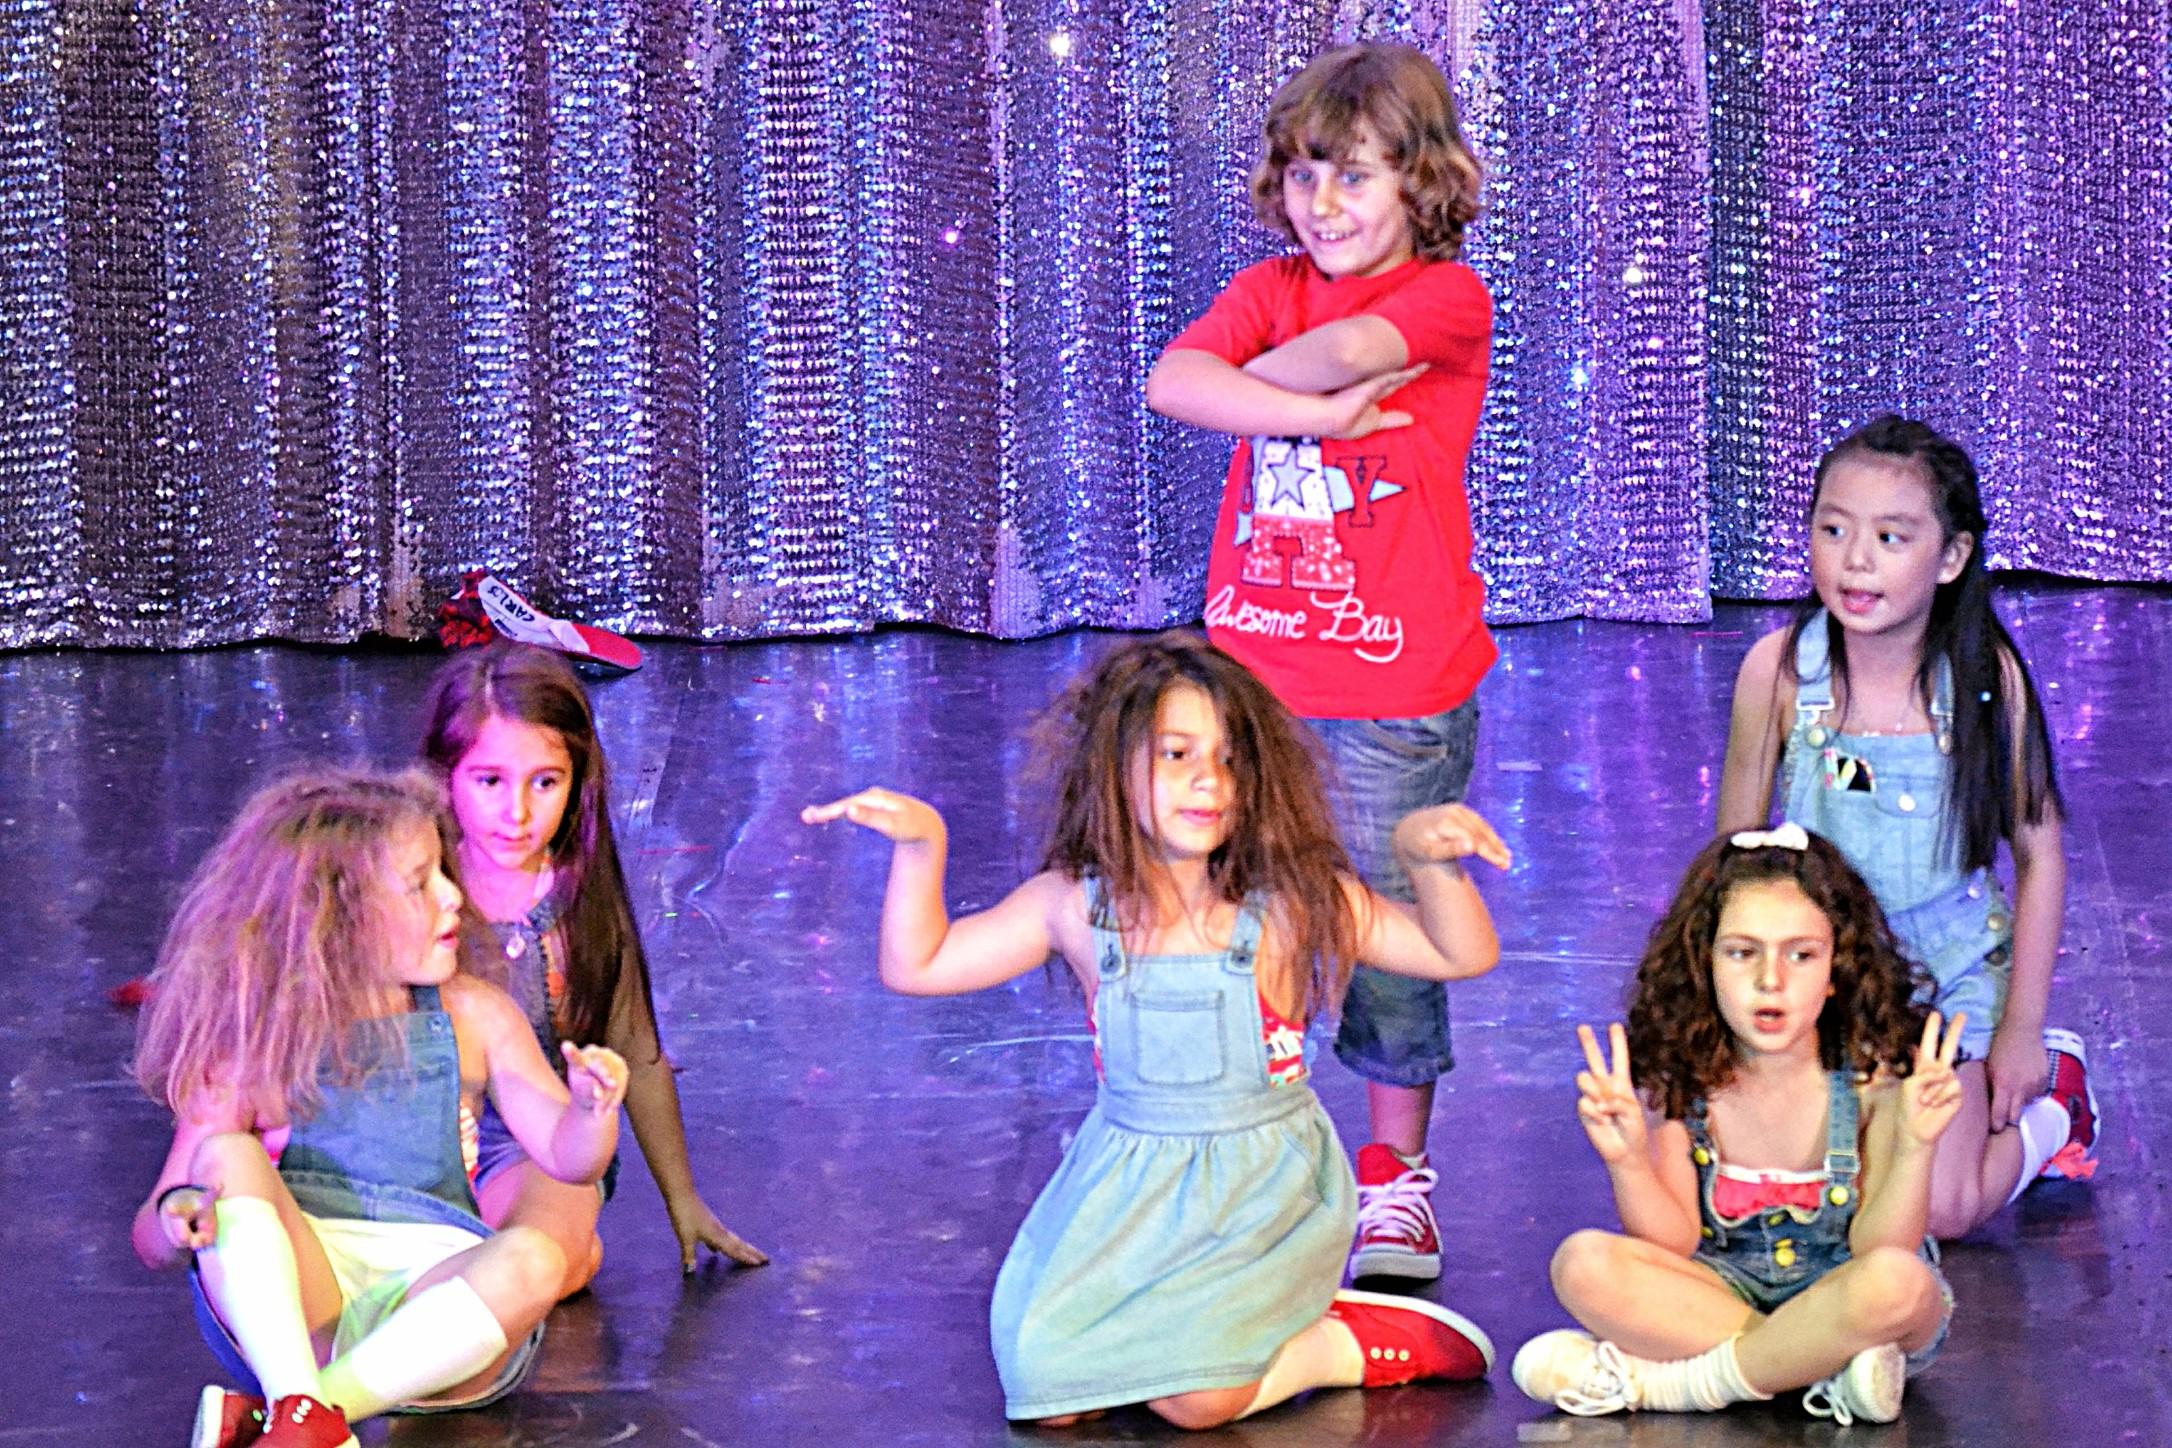 Linea-de-Baile-festival-verano-2015-clases-de-baile-valencia-103